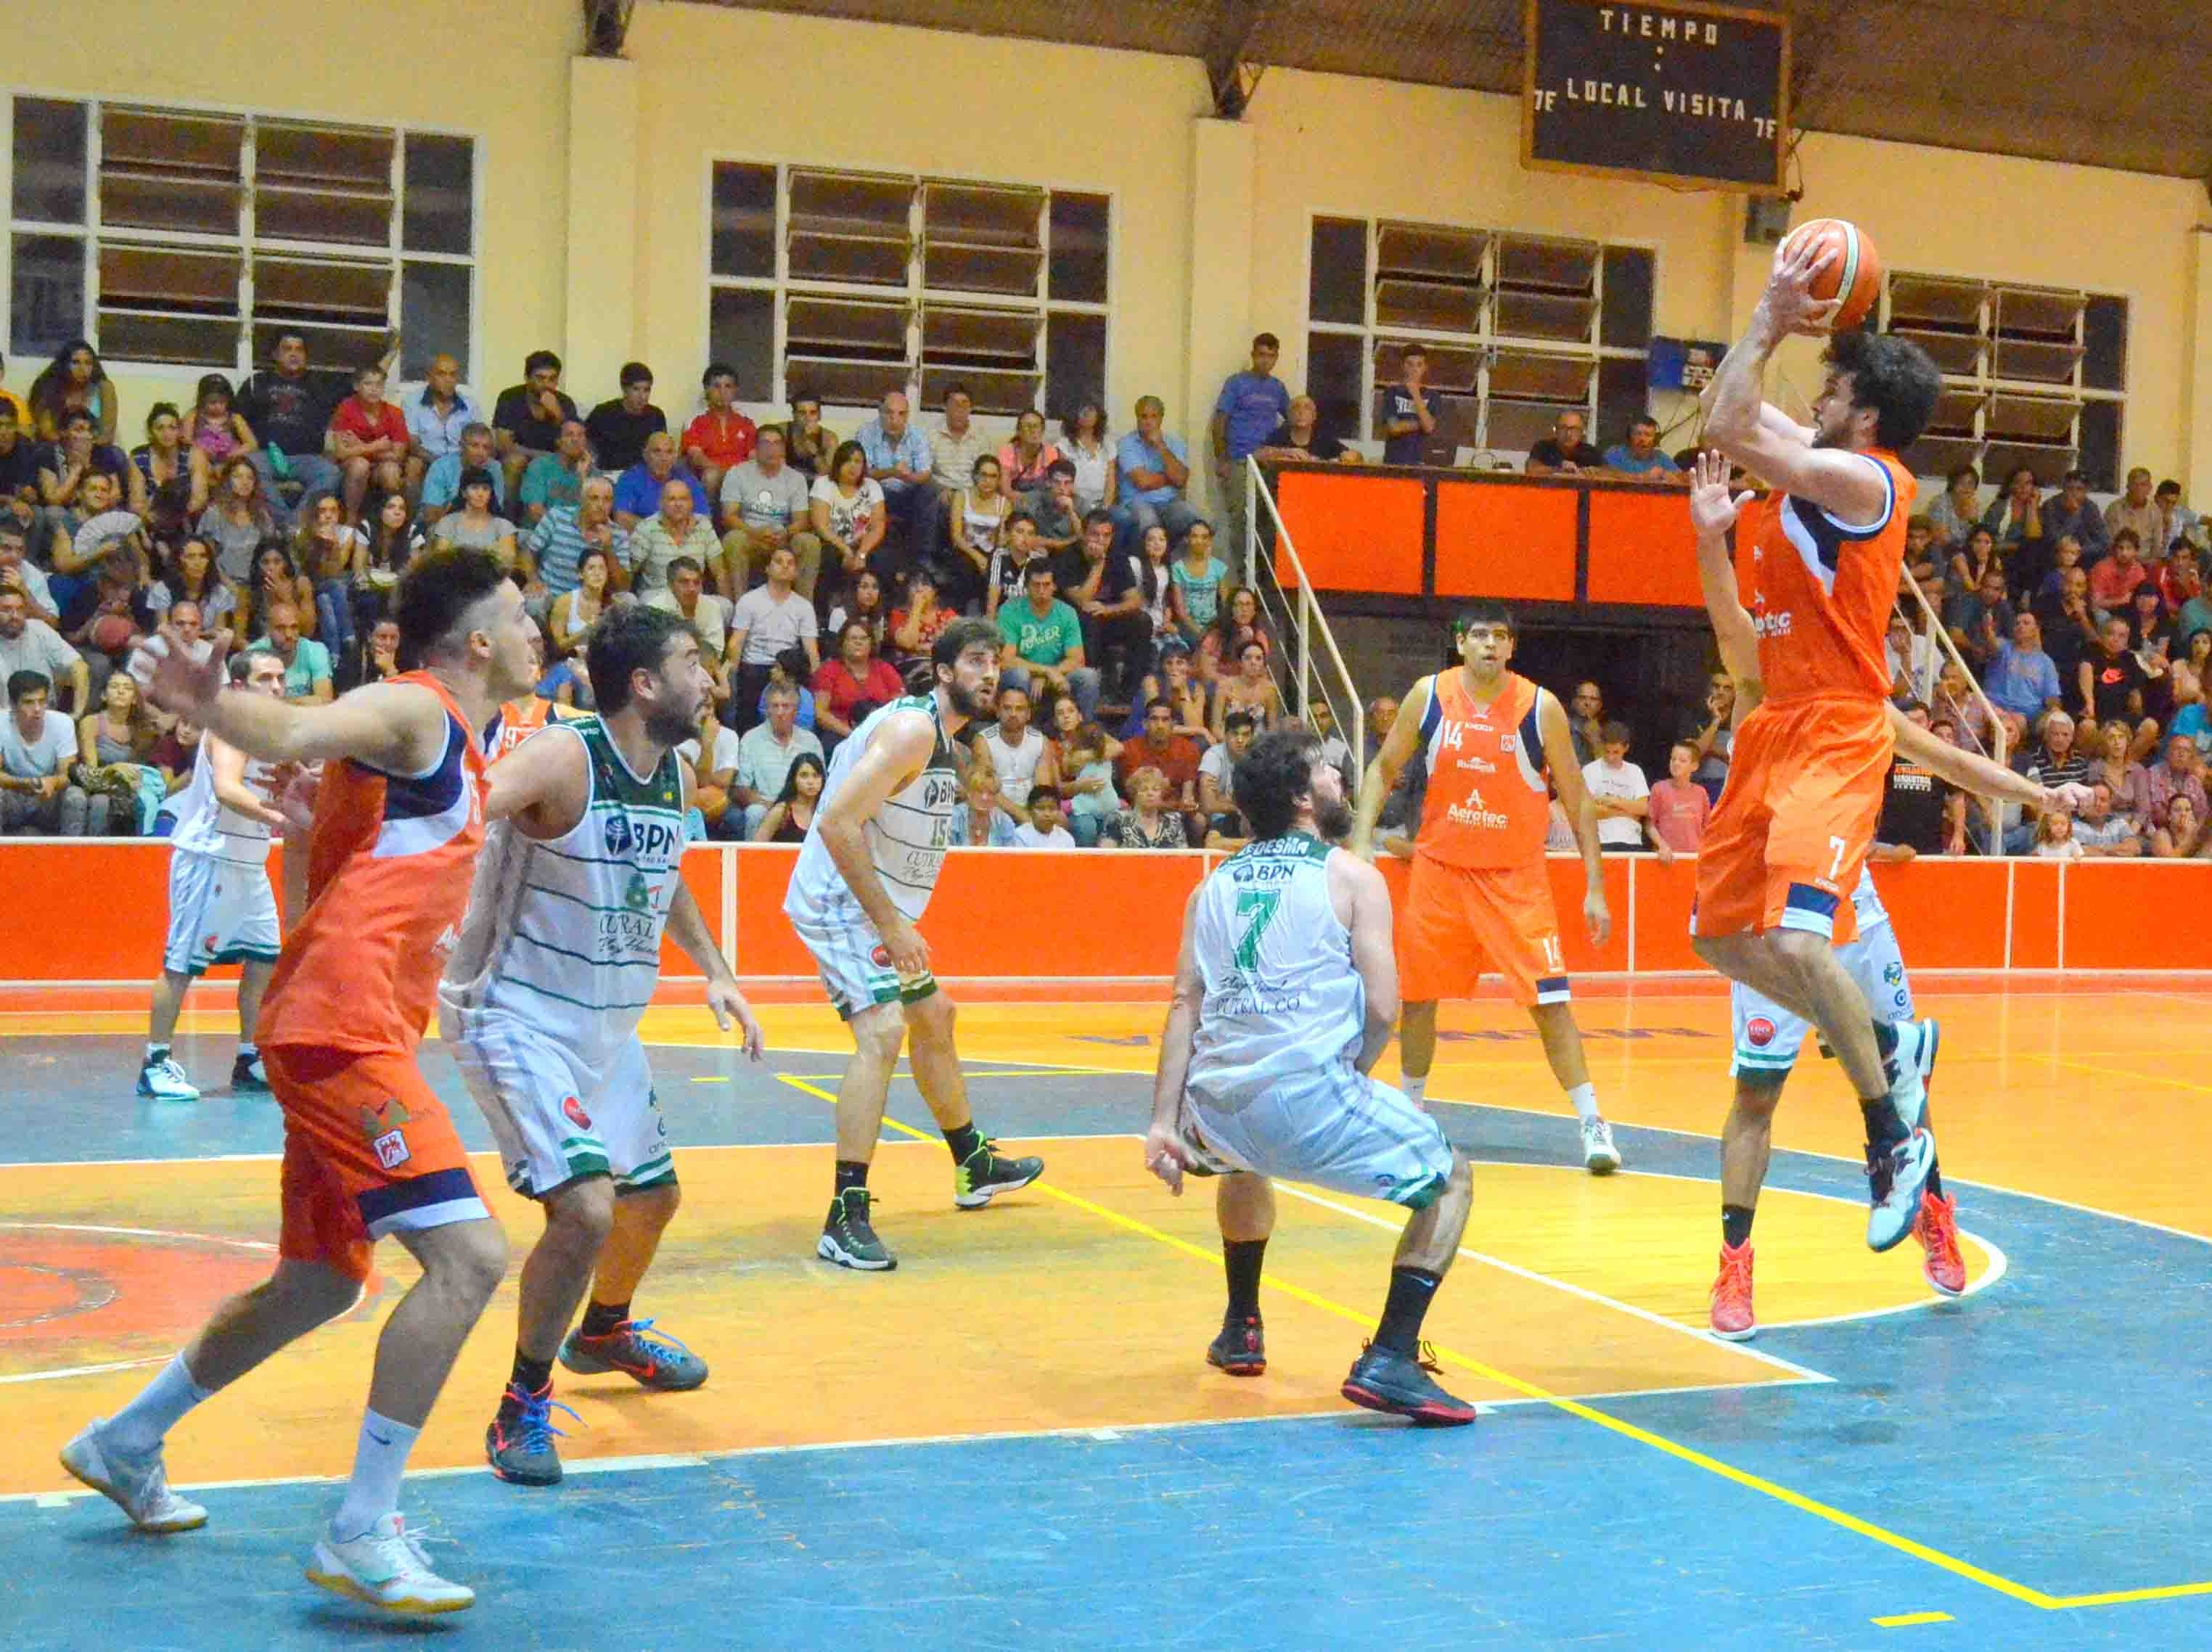 Fotos: Gentileza (Iván Bermúdez).